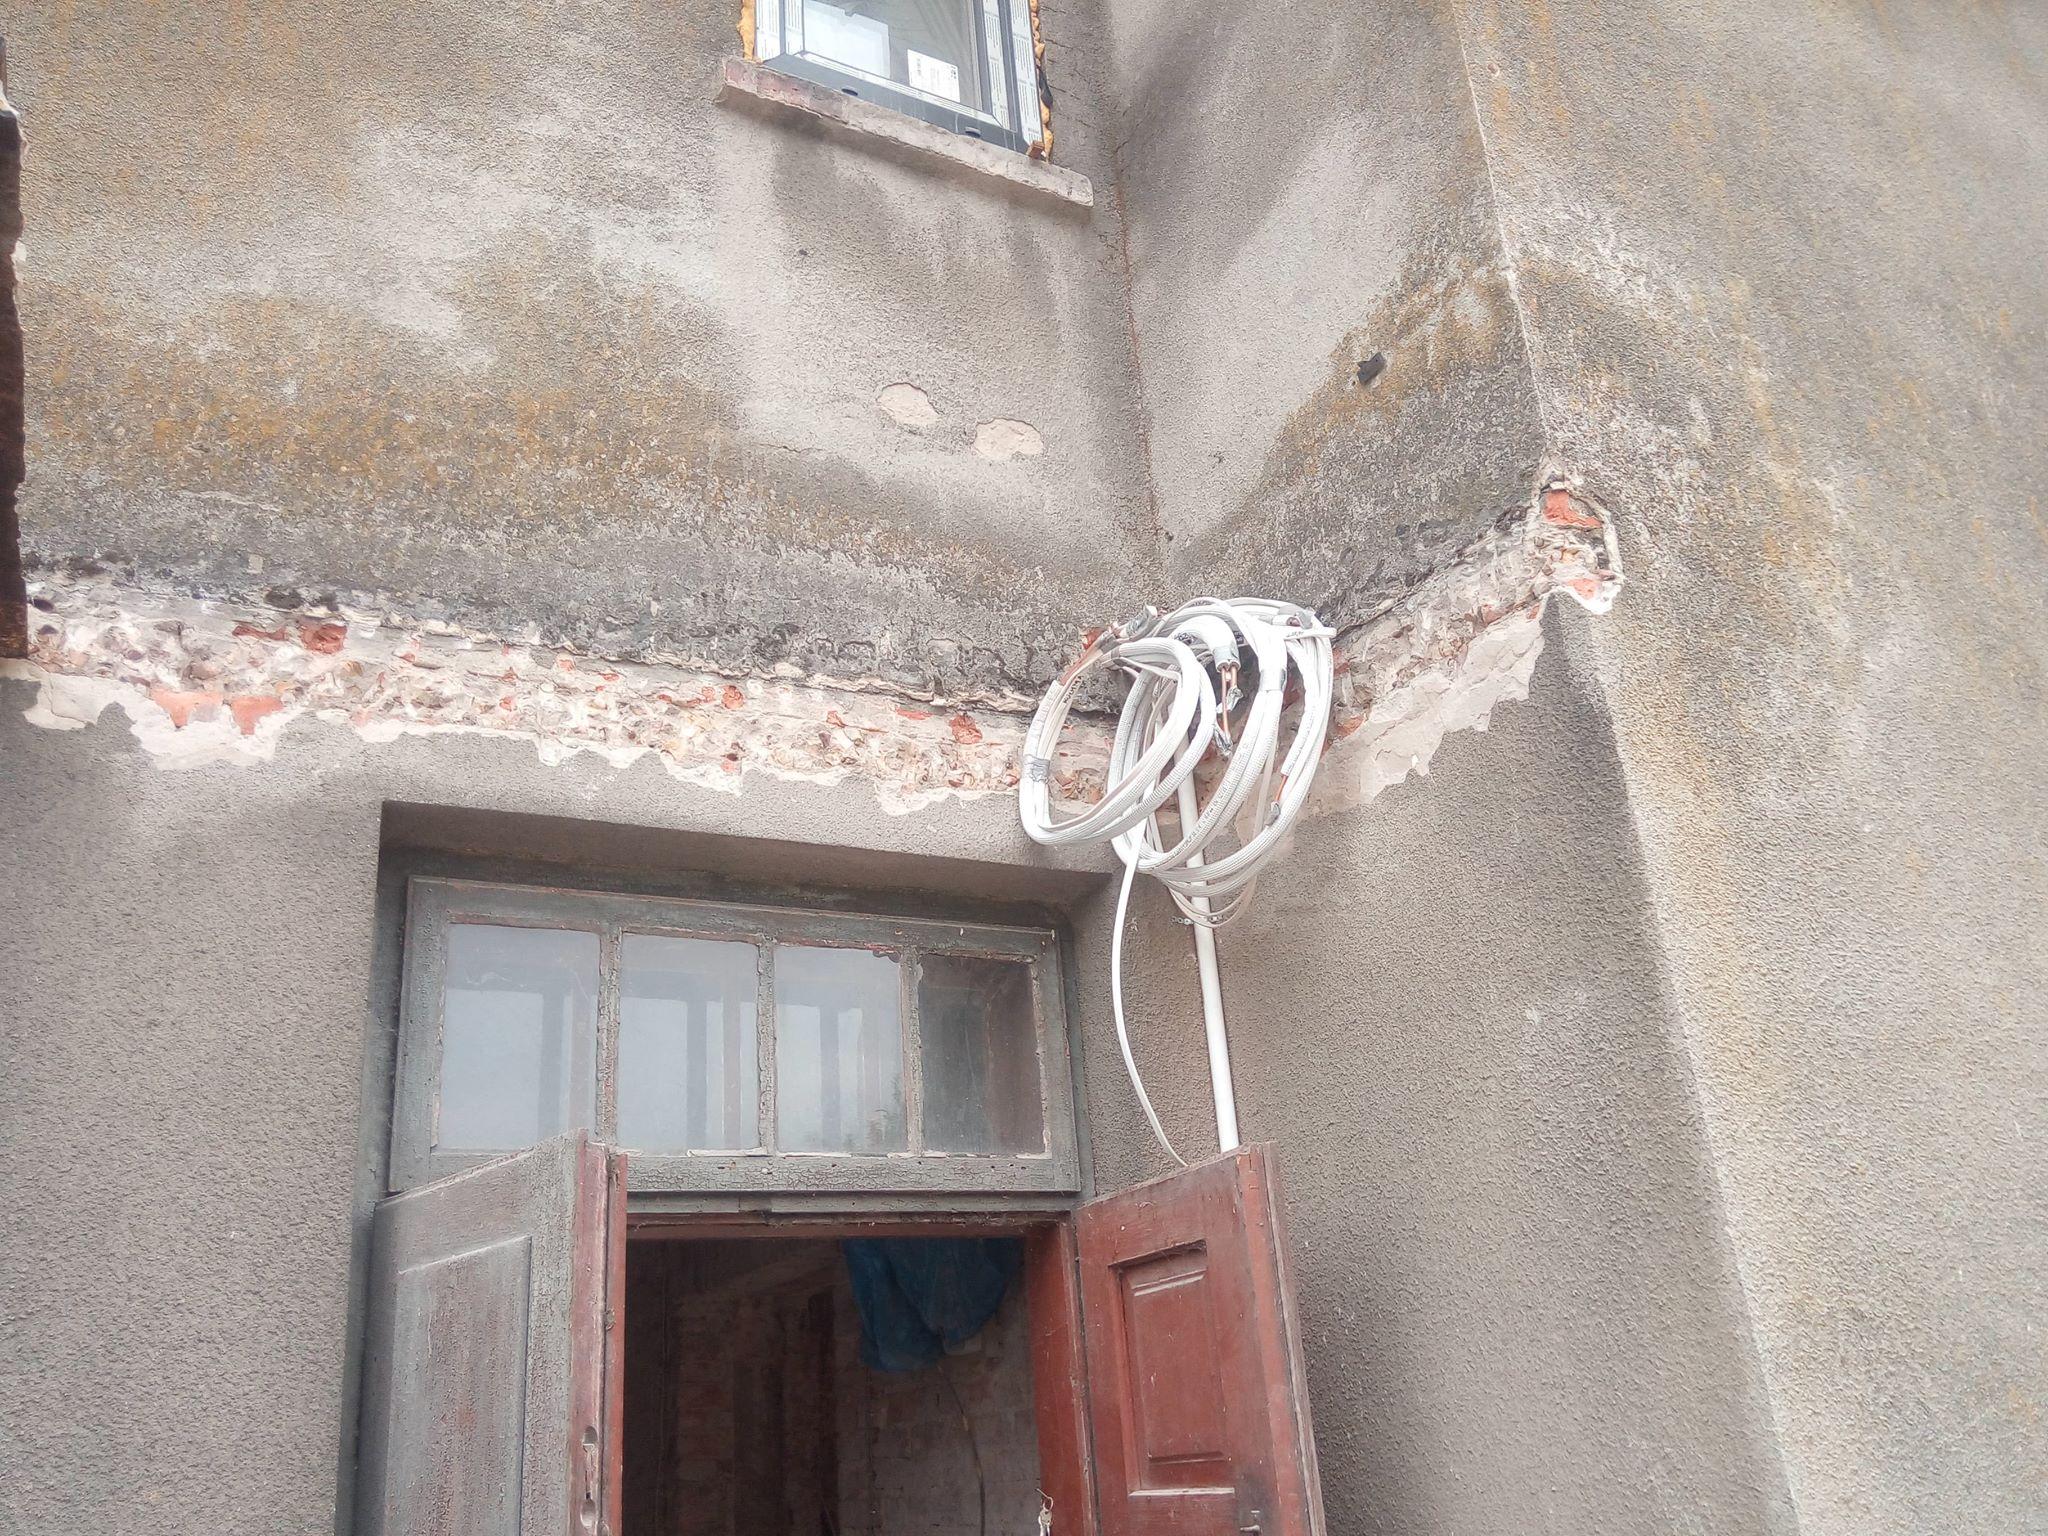 Remont i rozbudowa domu w Skarżysku: dołożyliśmy rury do rekuperacji w dobudowanej części oraz rozłożyliśmy orurowanie do klimatyzacji.